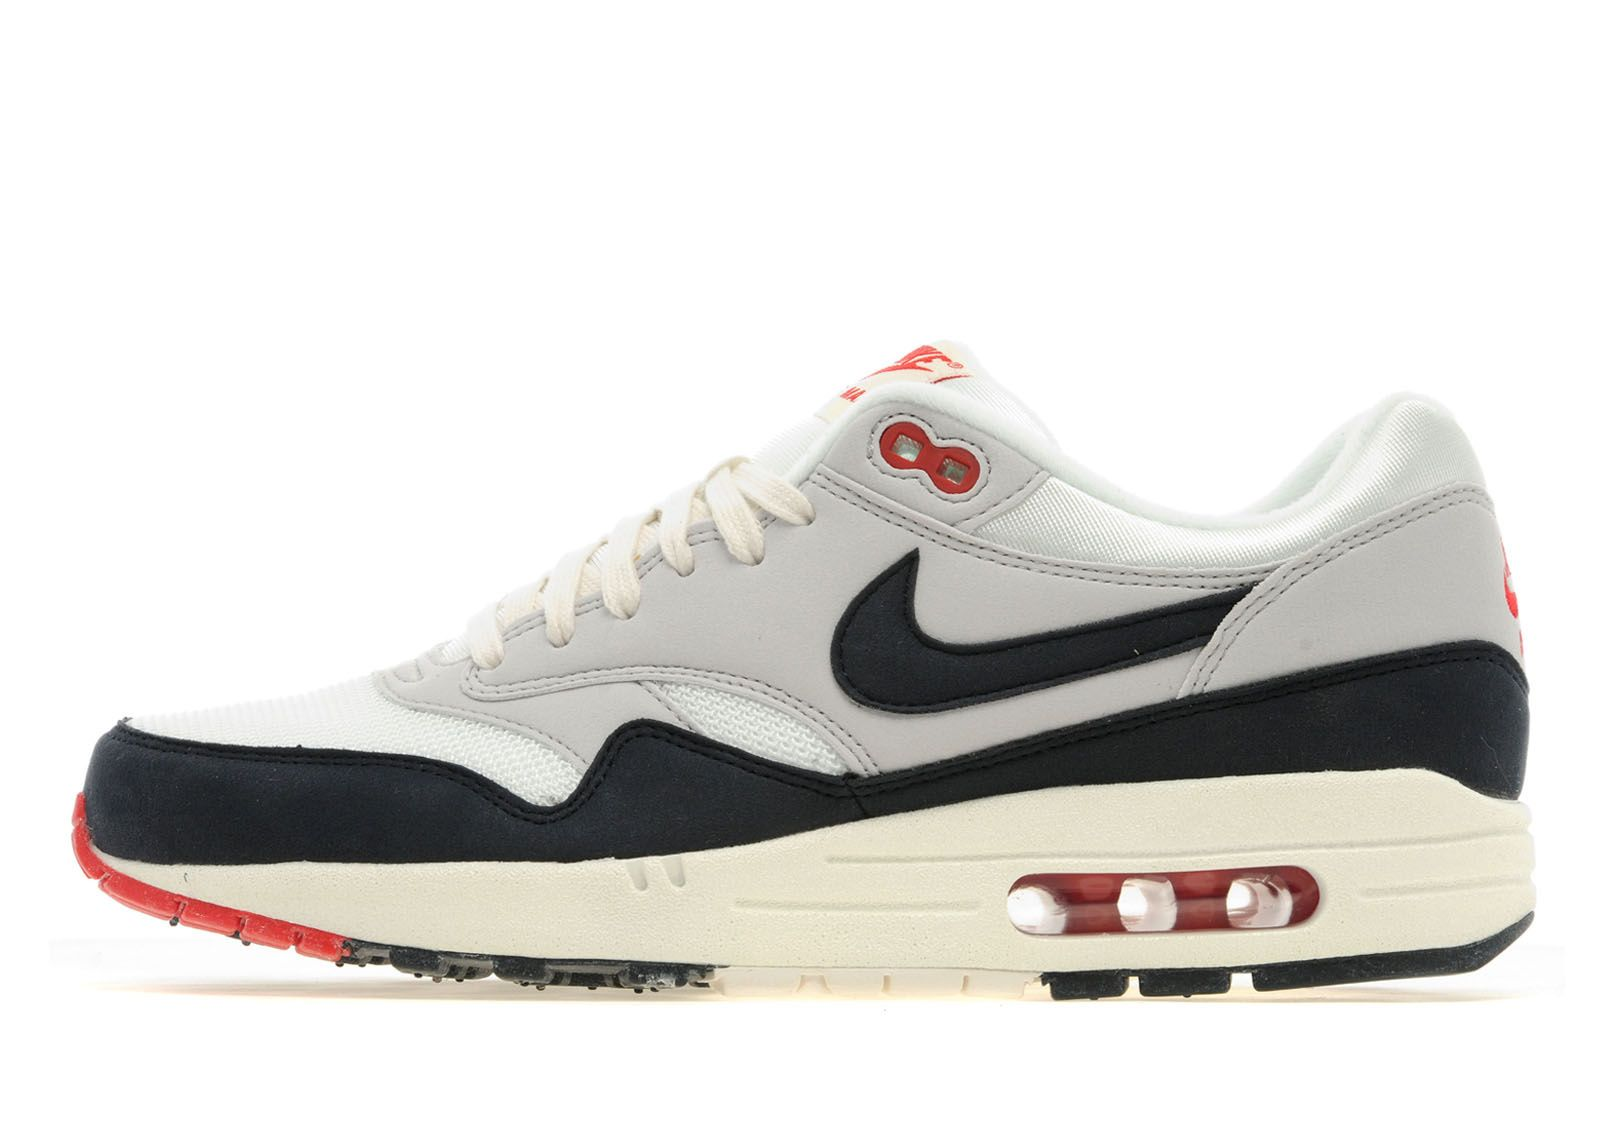 Nike Air Max 1 OG Vintage